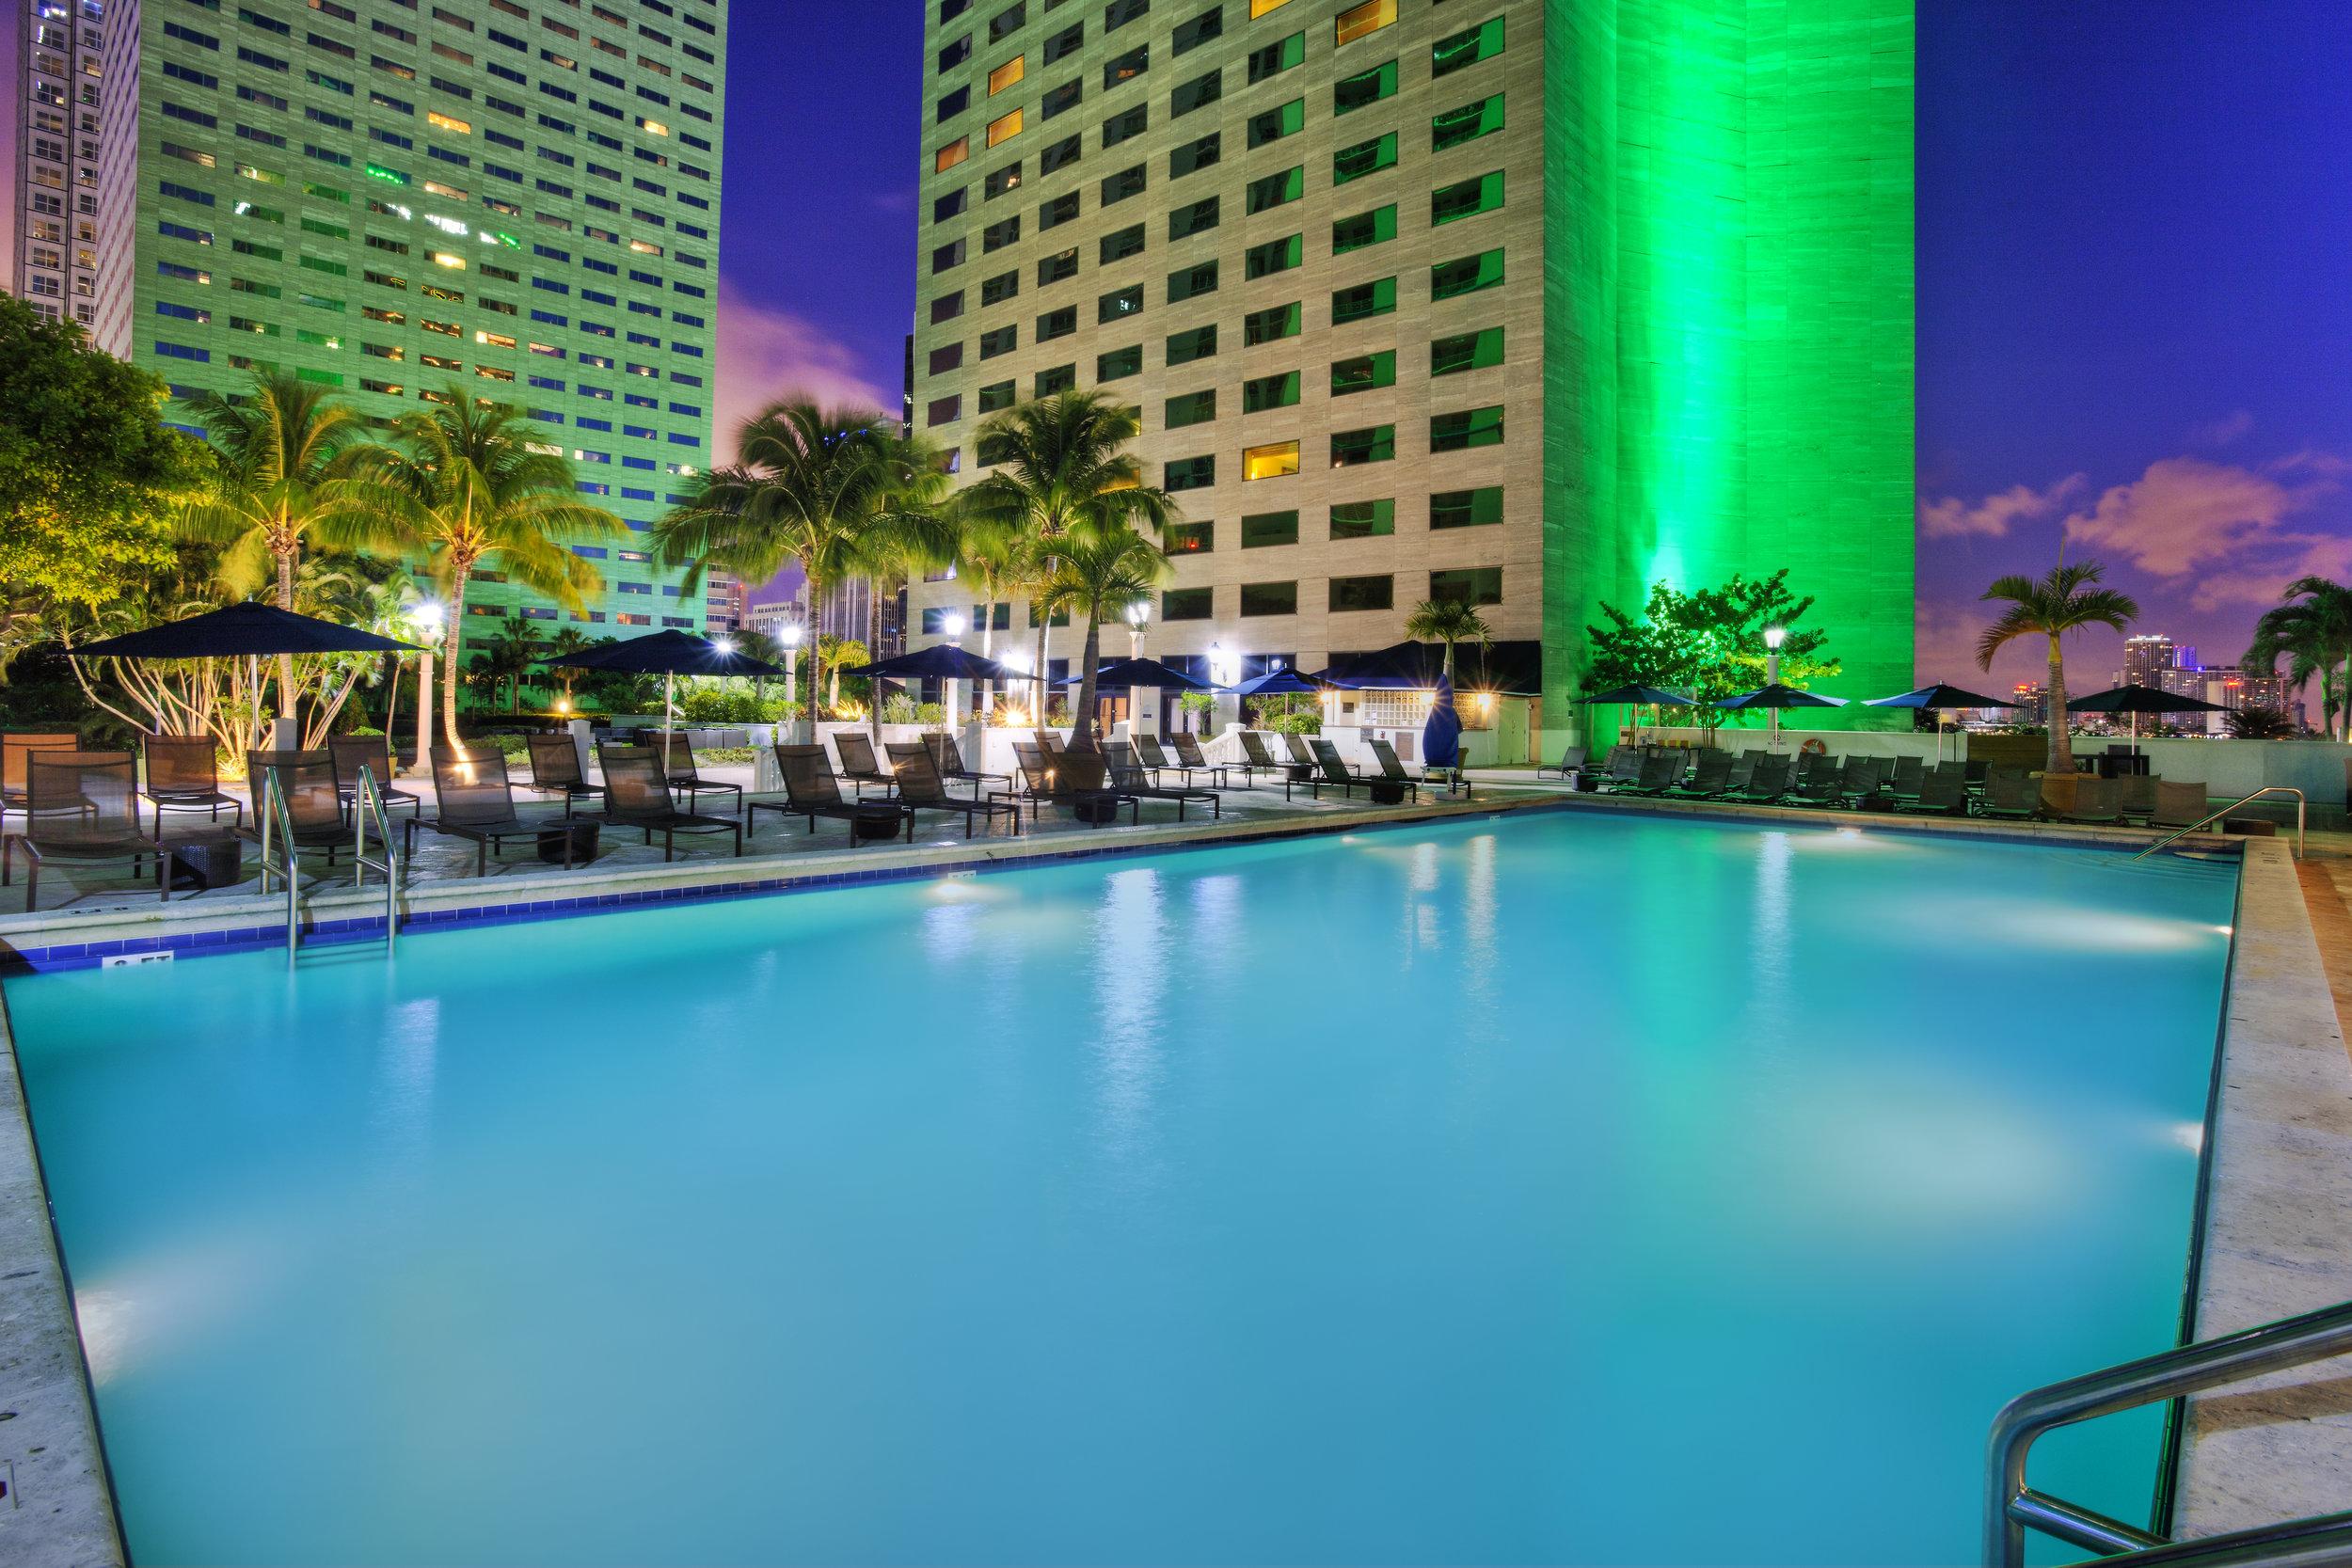 Intercontinental Miami Hotel